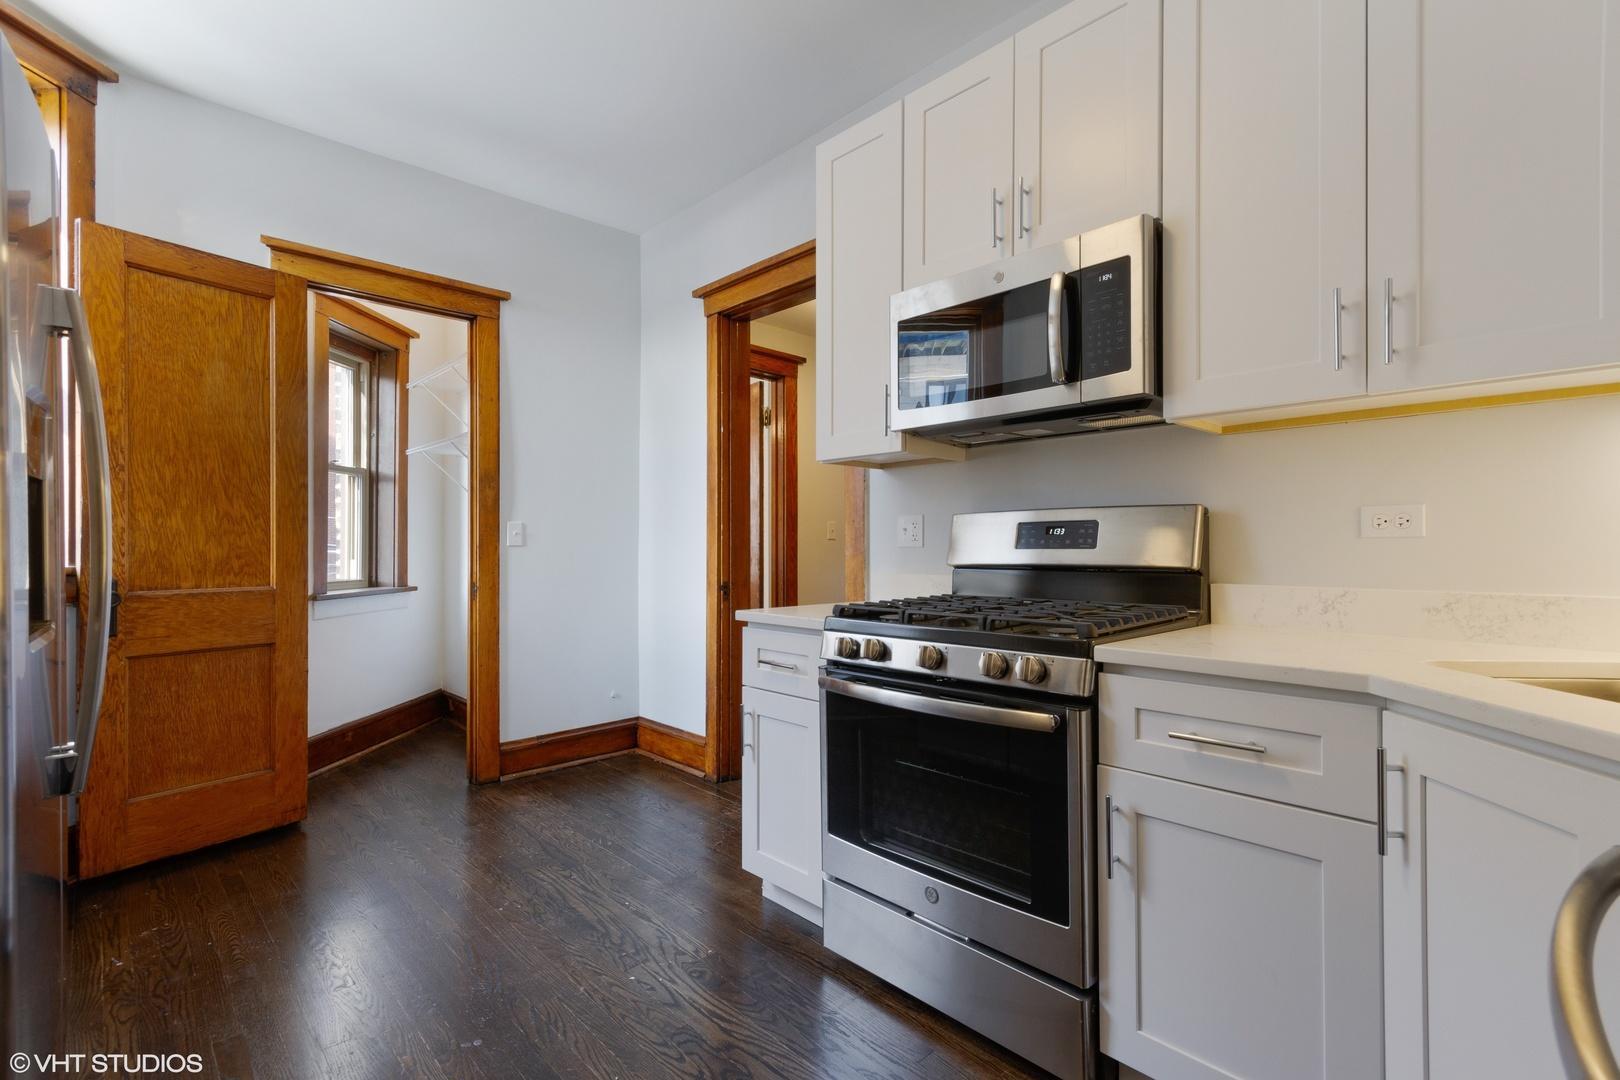 831 W Altgeld  Street, Unit 3 photo